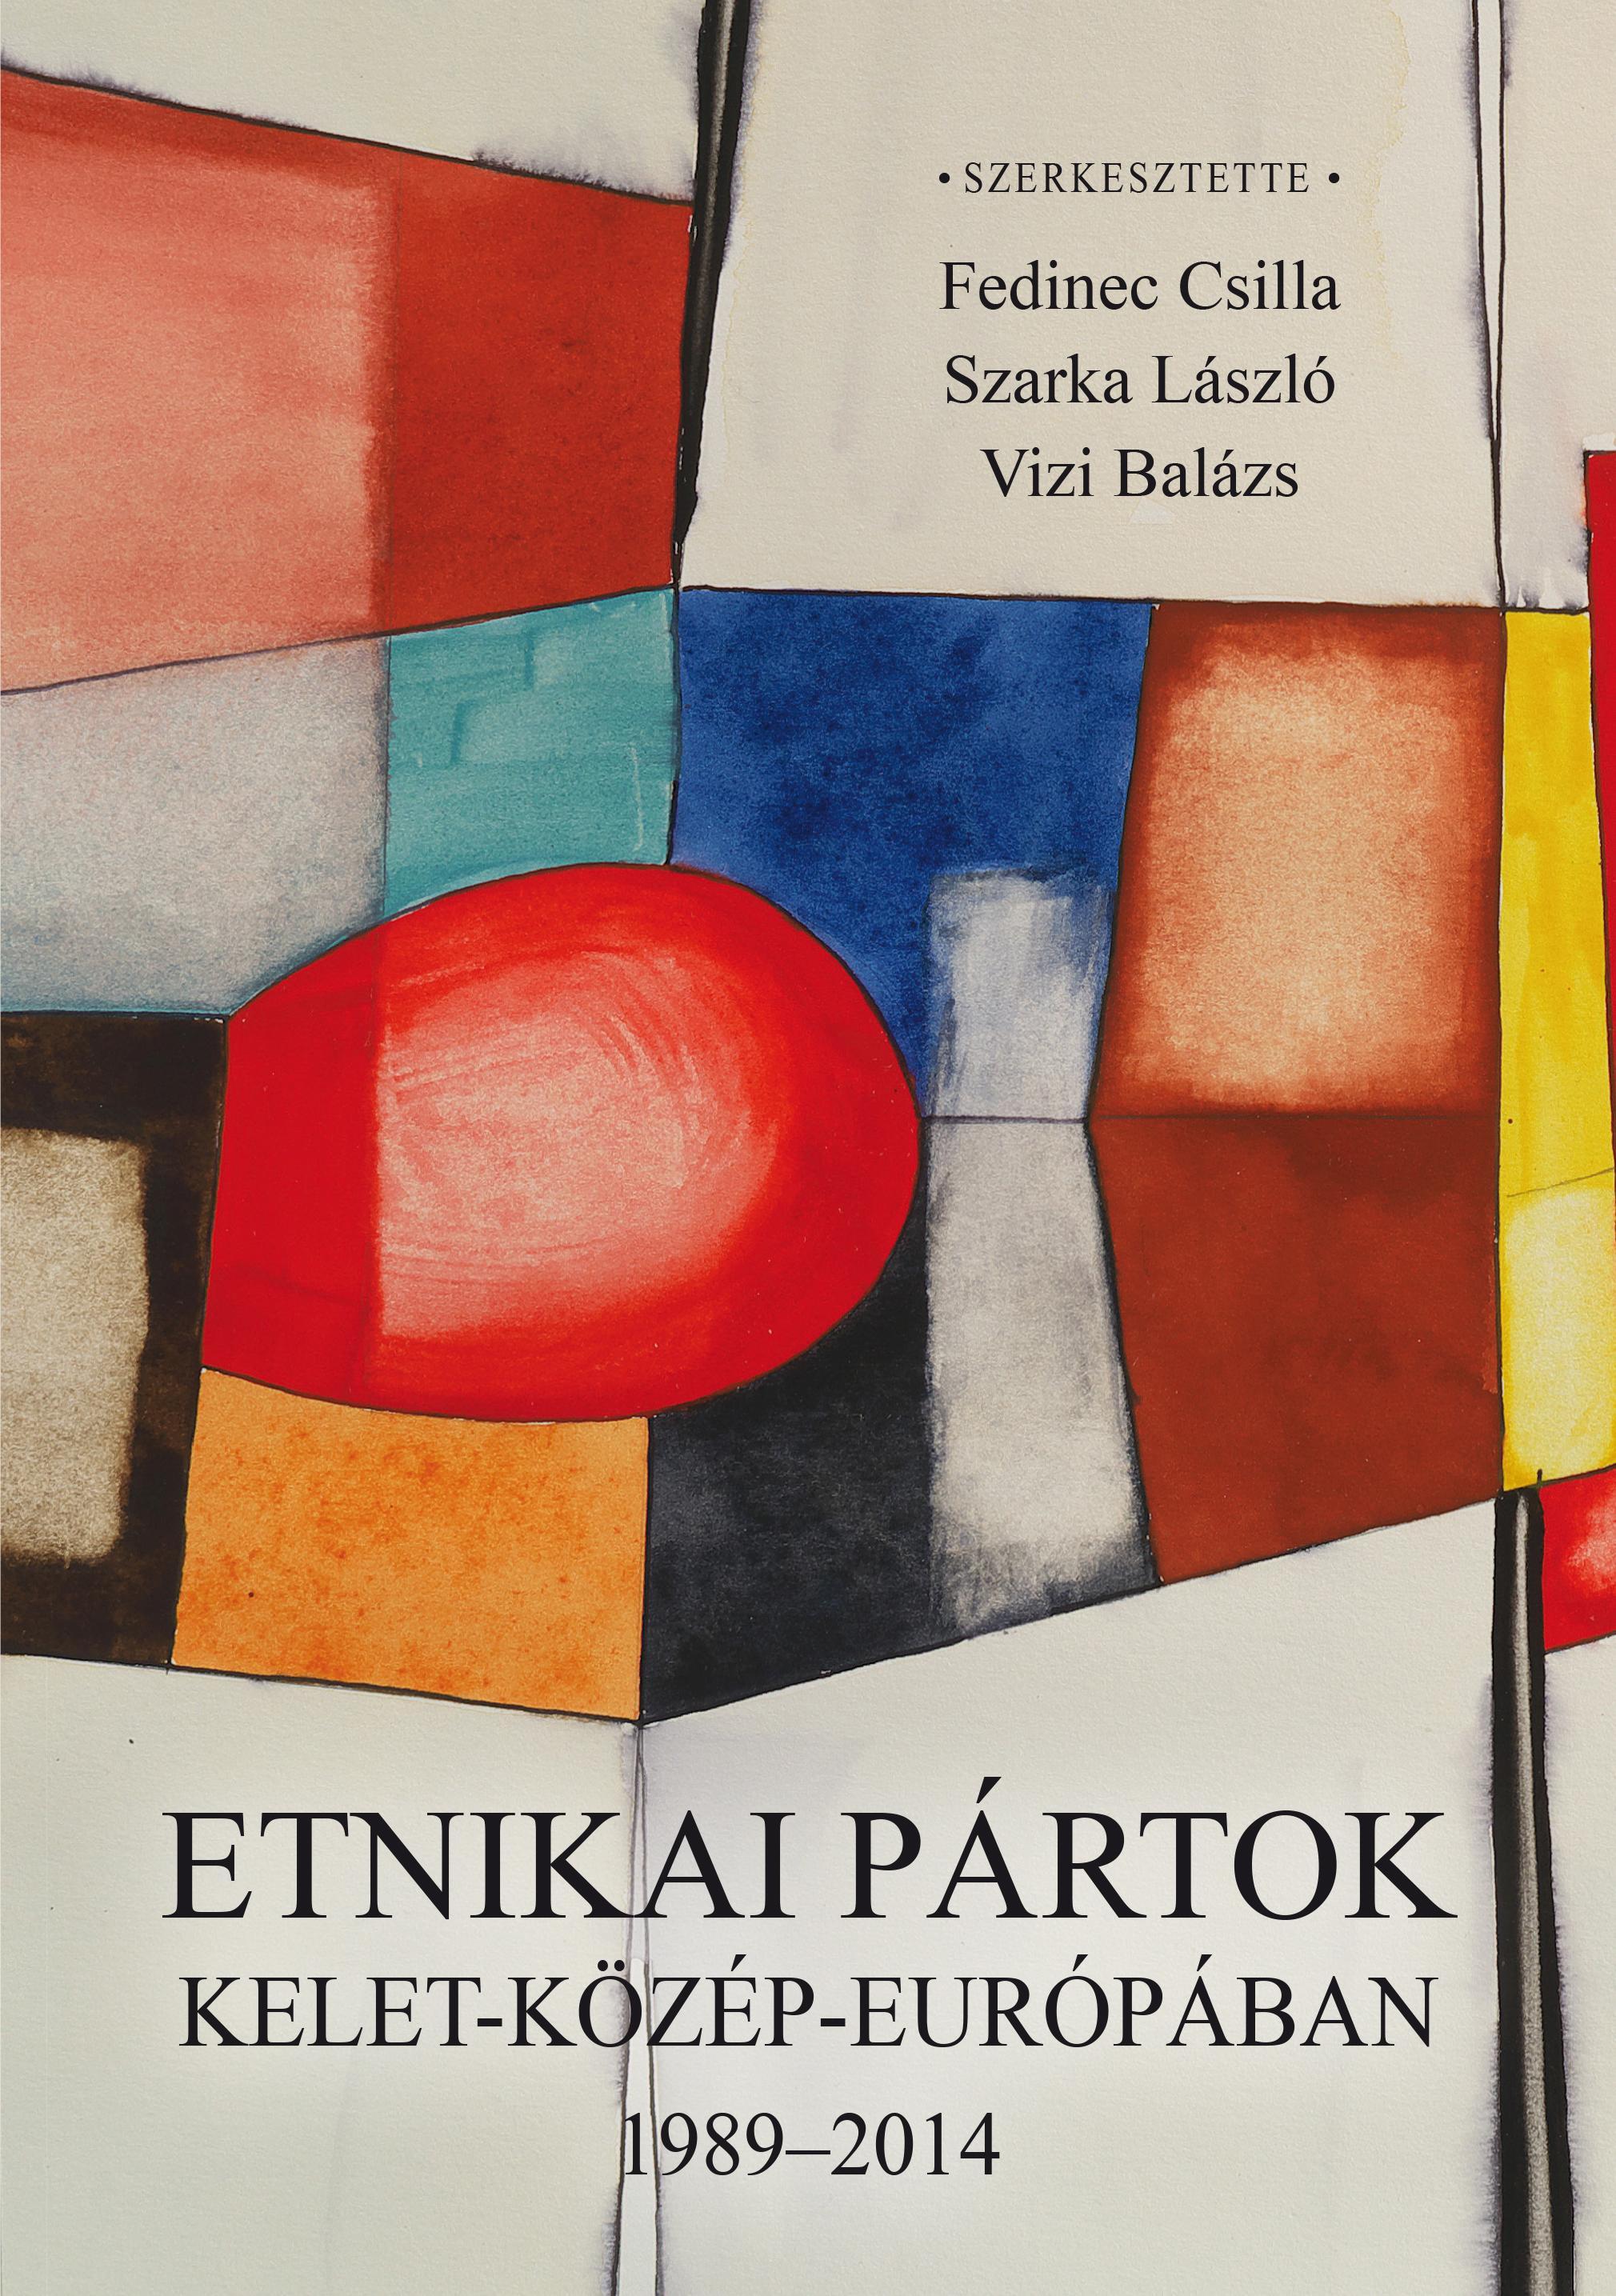 ETNIKAI PÁRTOK KELET-KÖZÉP-EURÓPÁBAN 1989-2014 - ÜKH 2018